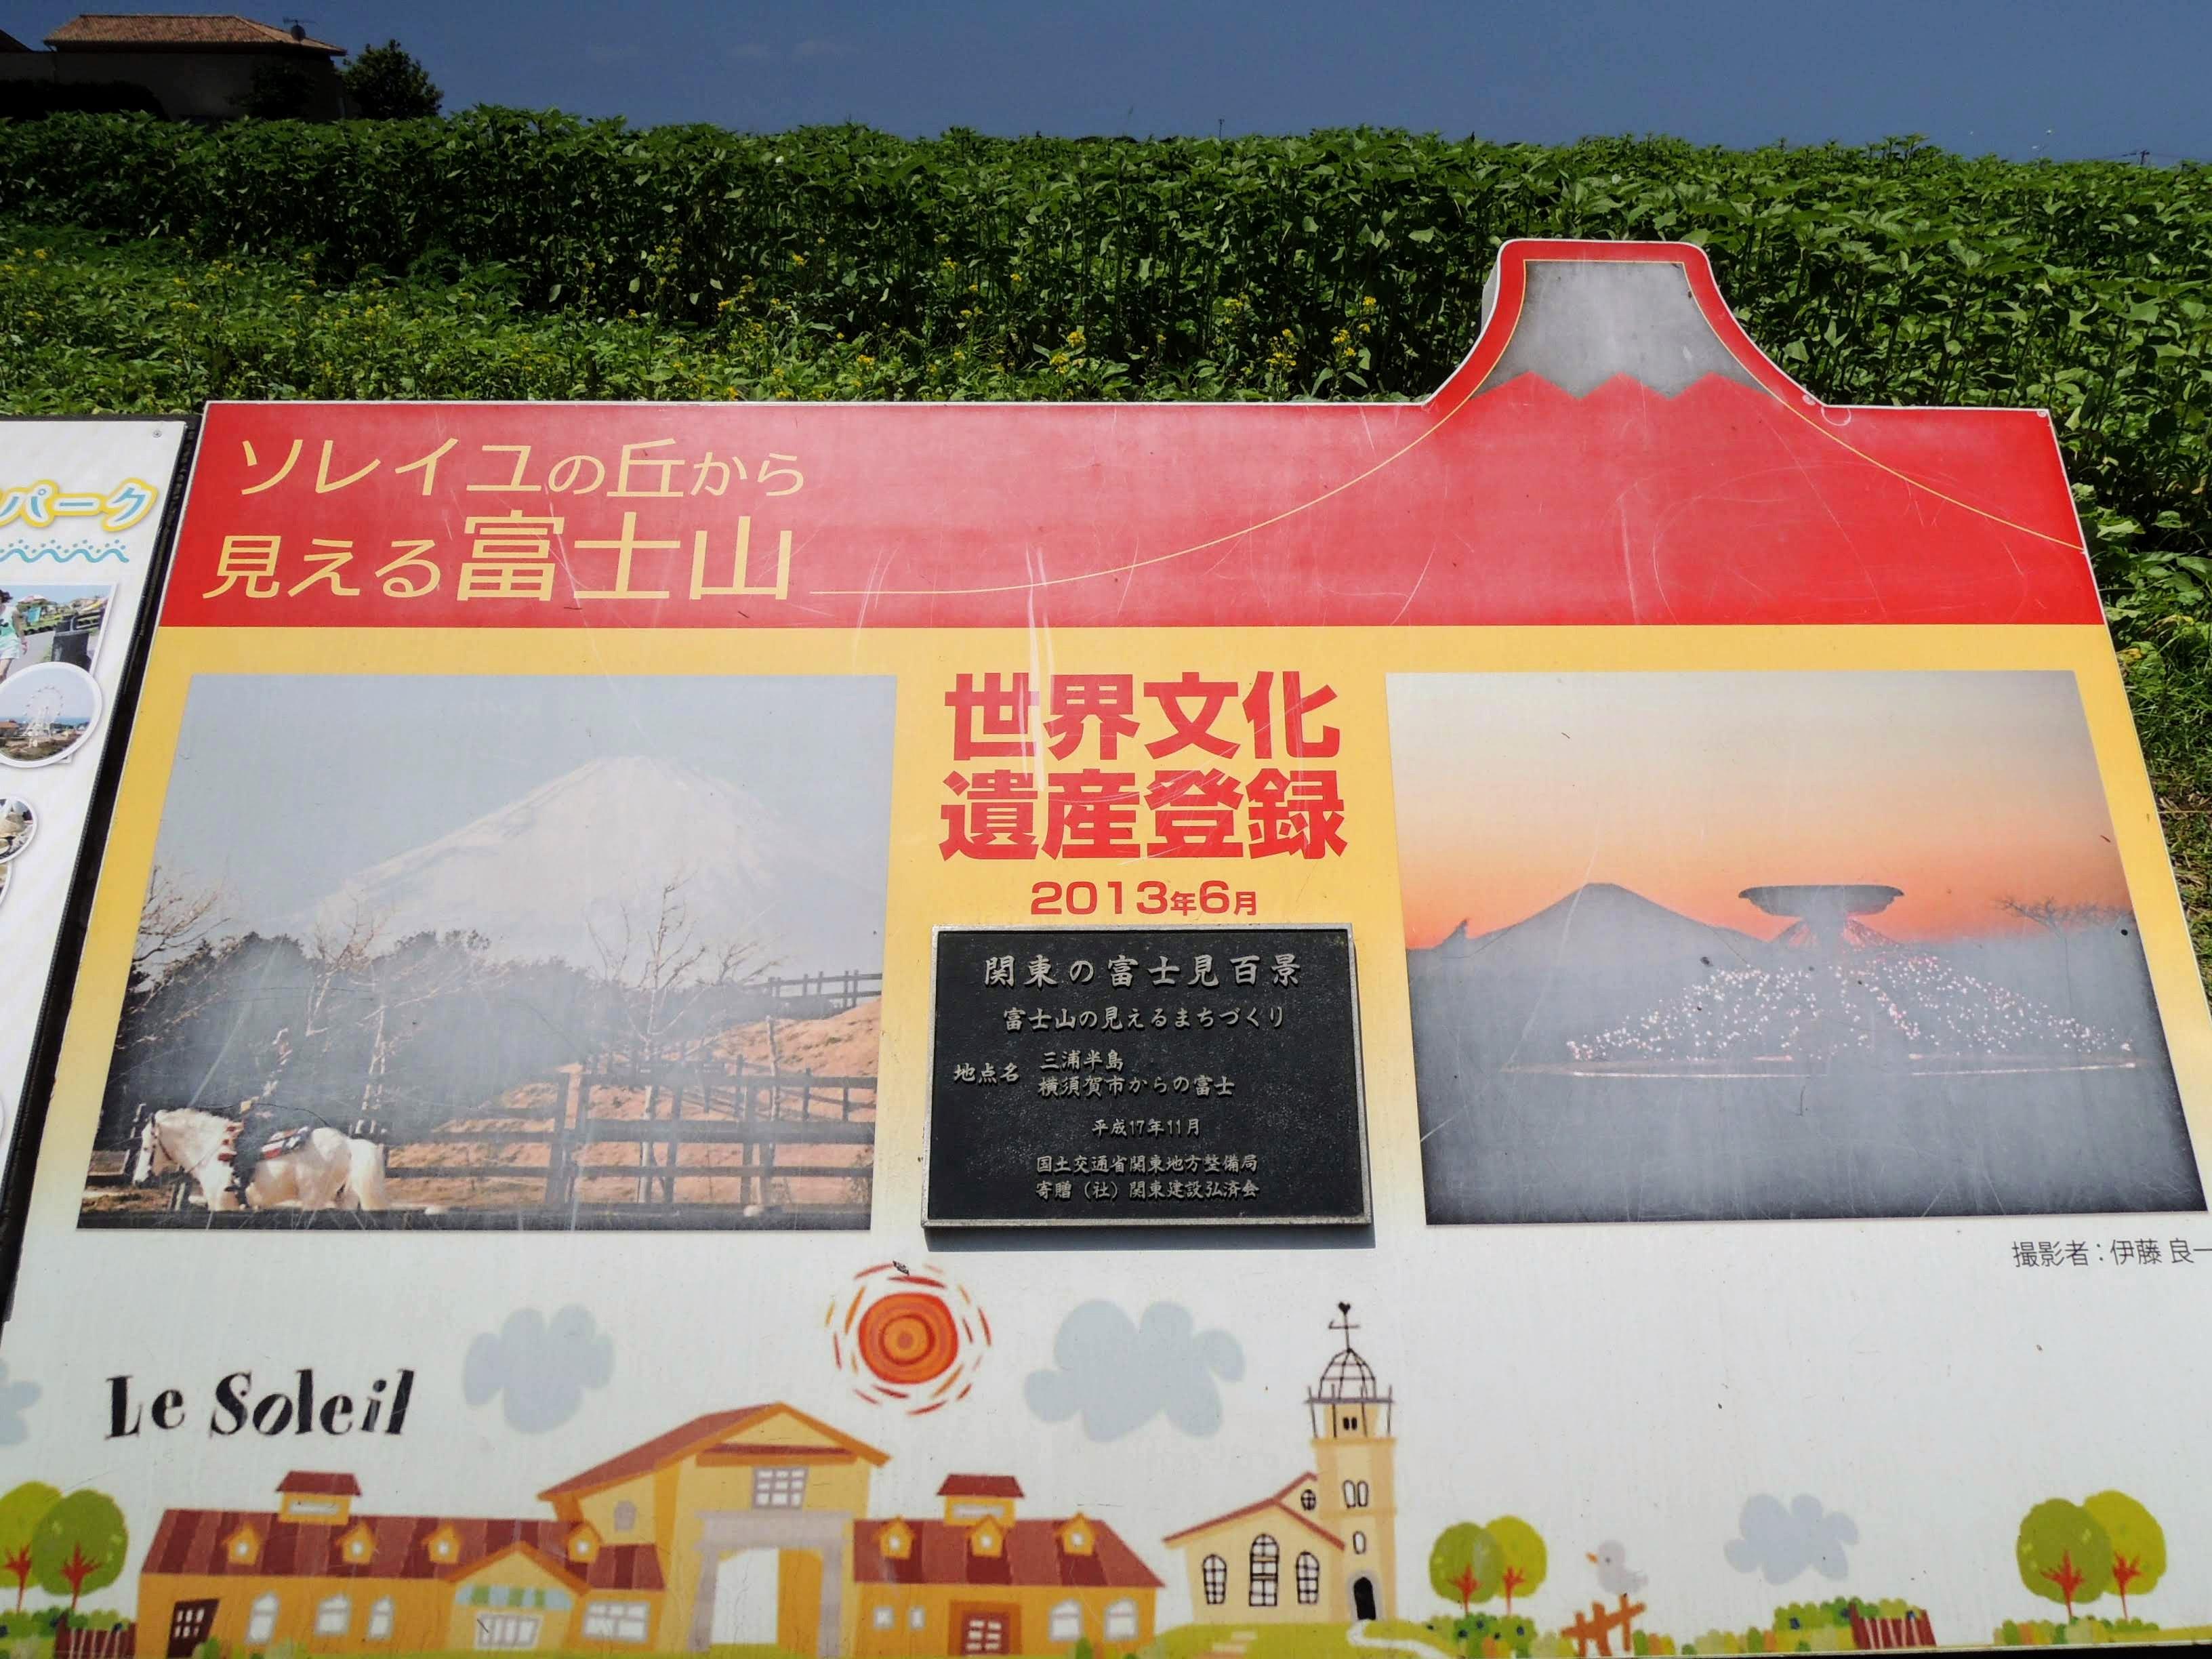 ソレイユの丘は富士山のビューポイント